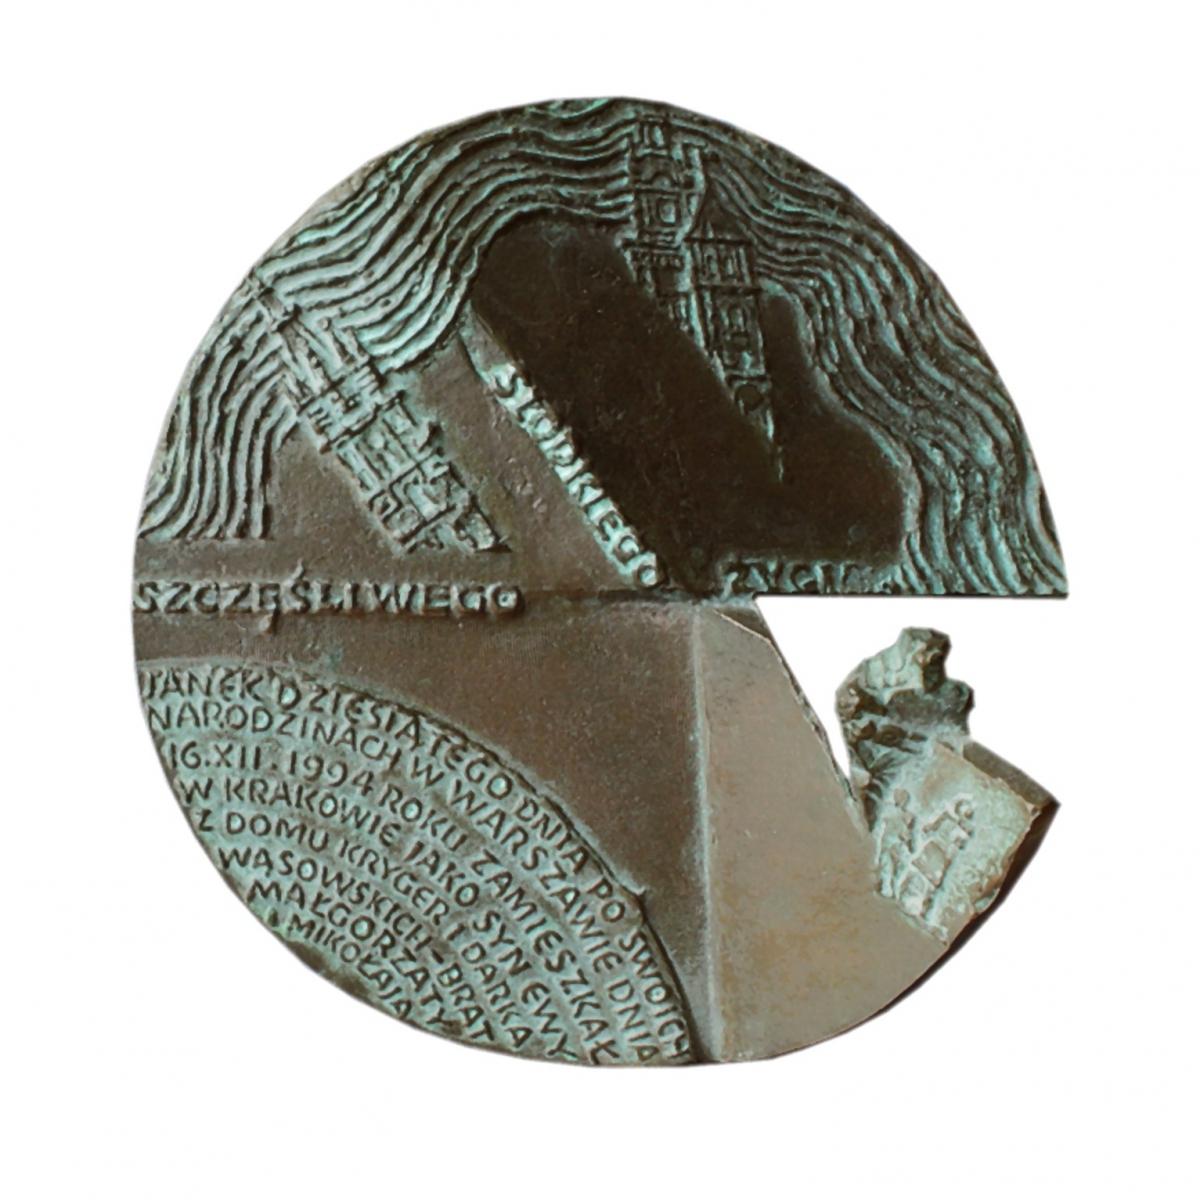 Wąsacz Józef - Z cyklu Kraków - Słodkiego szczęśliwego życia, brąz, 14,4 x 7,3 cm, 2001